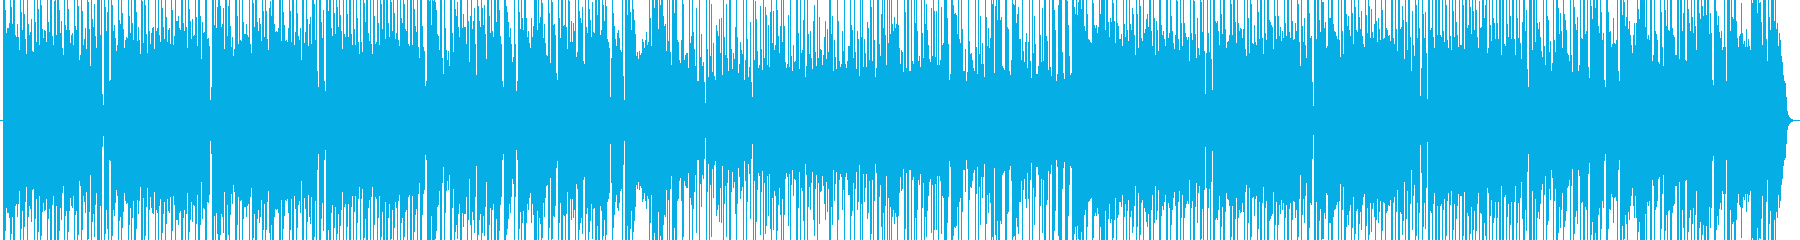 アップテンポでギターリフ押しのロックの再生済みの波形